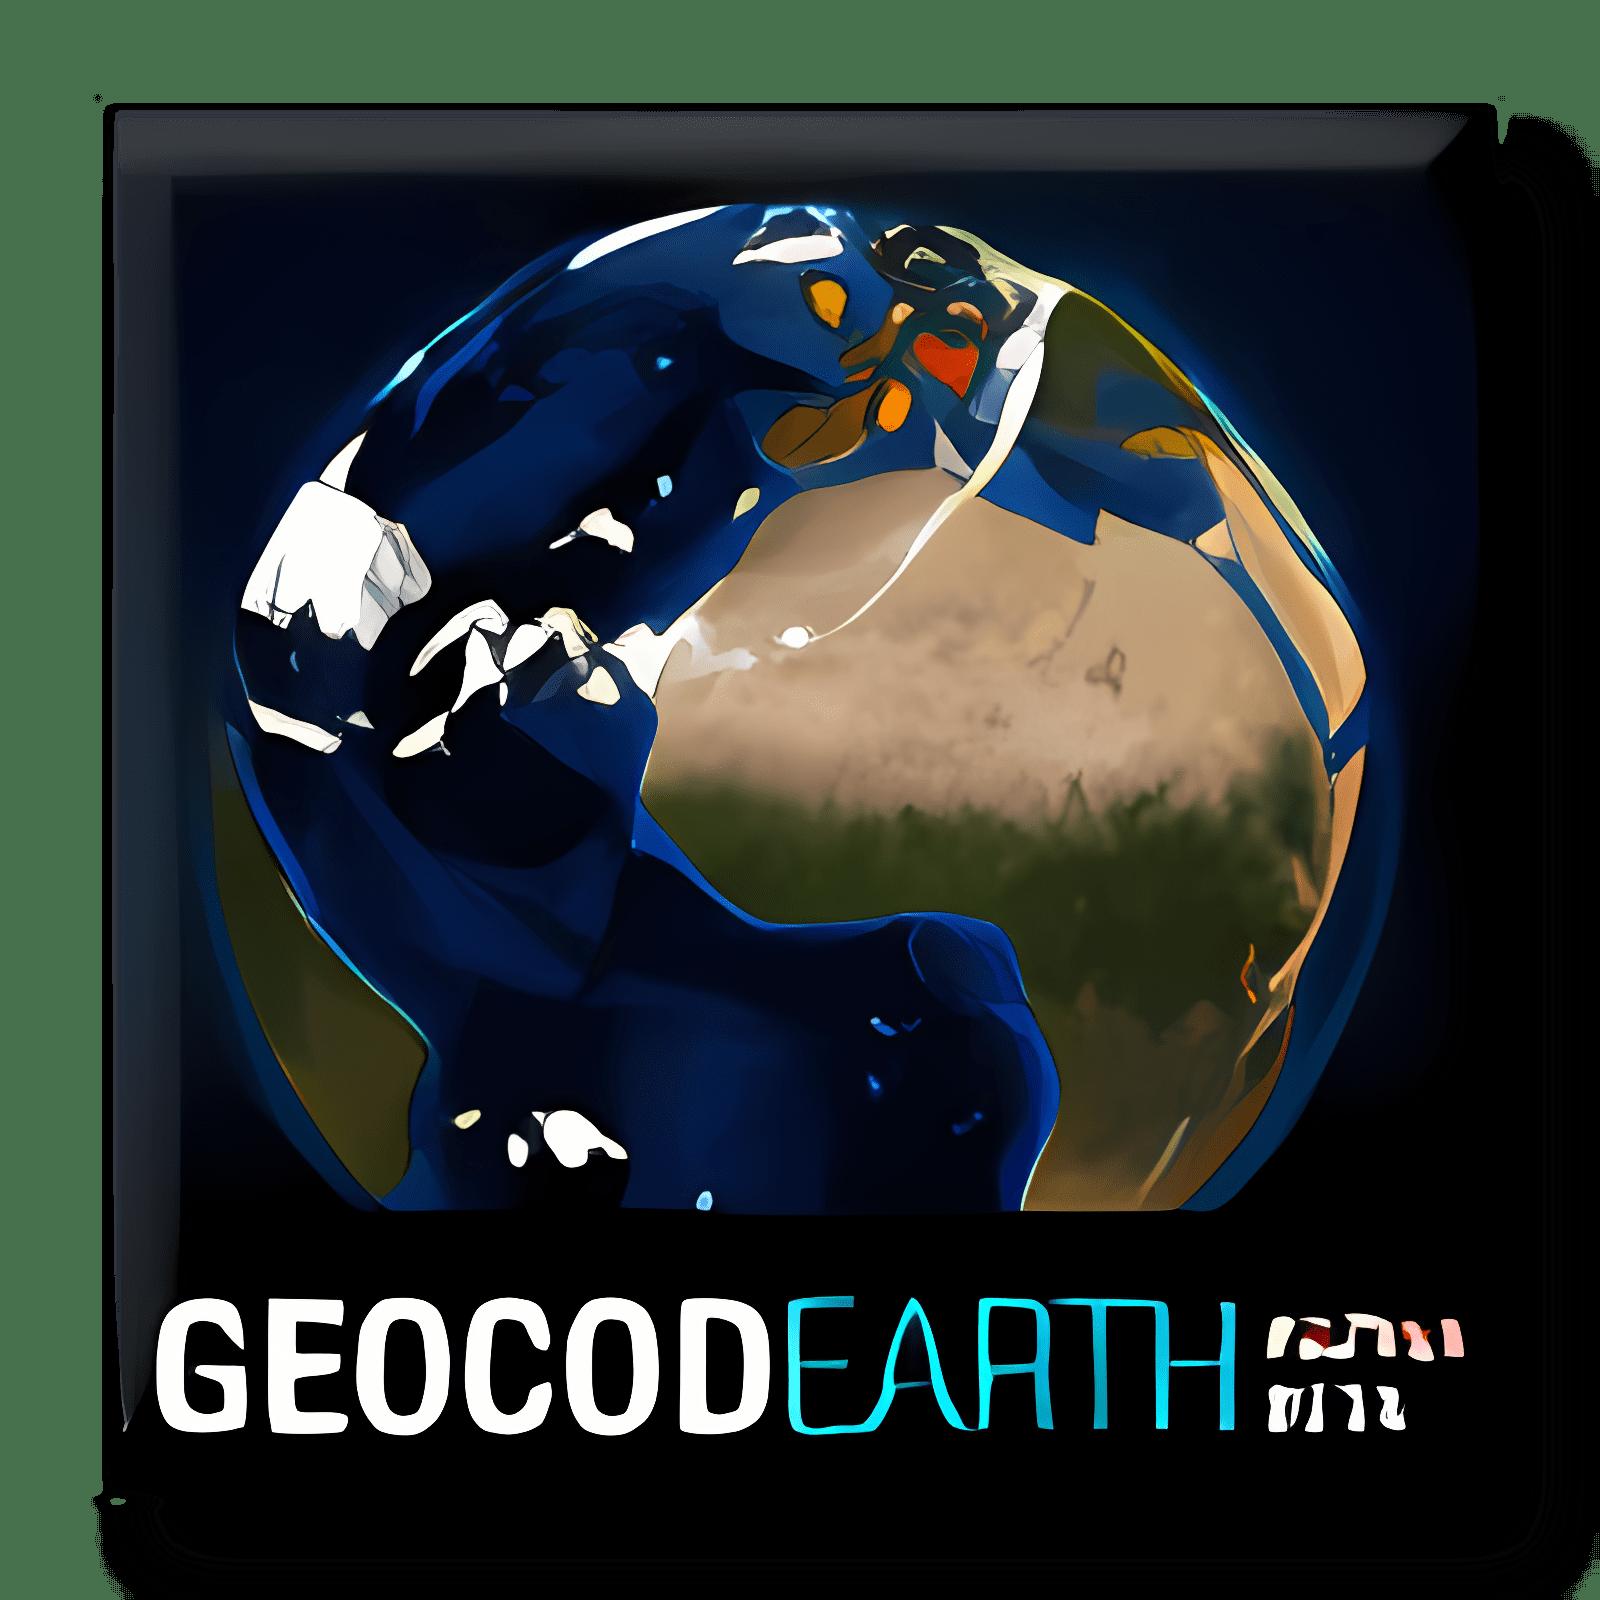 GeocodEarth